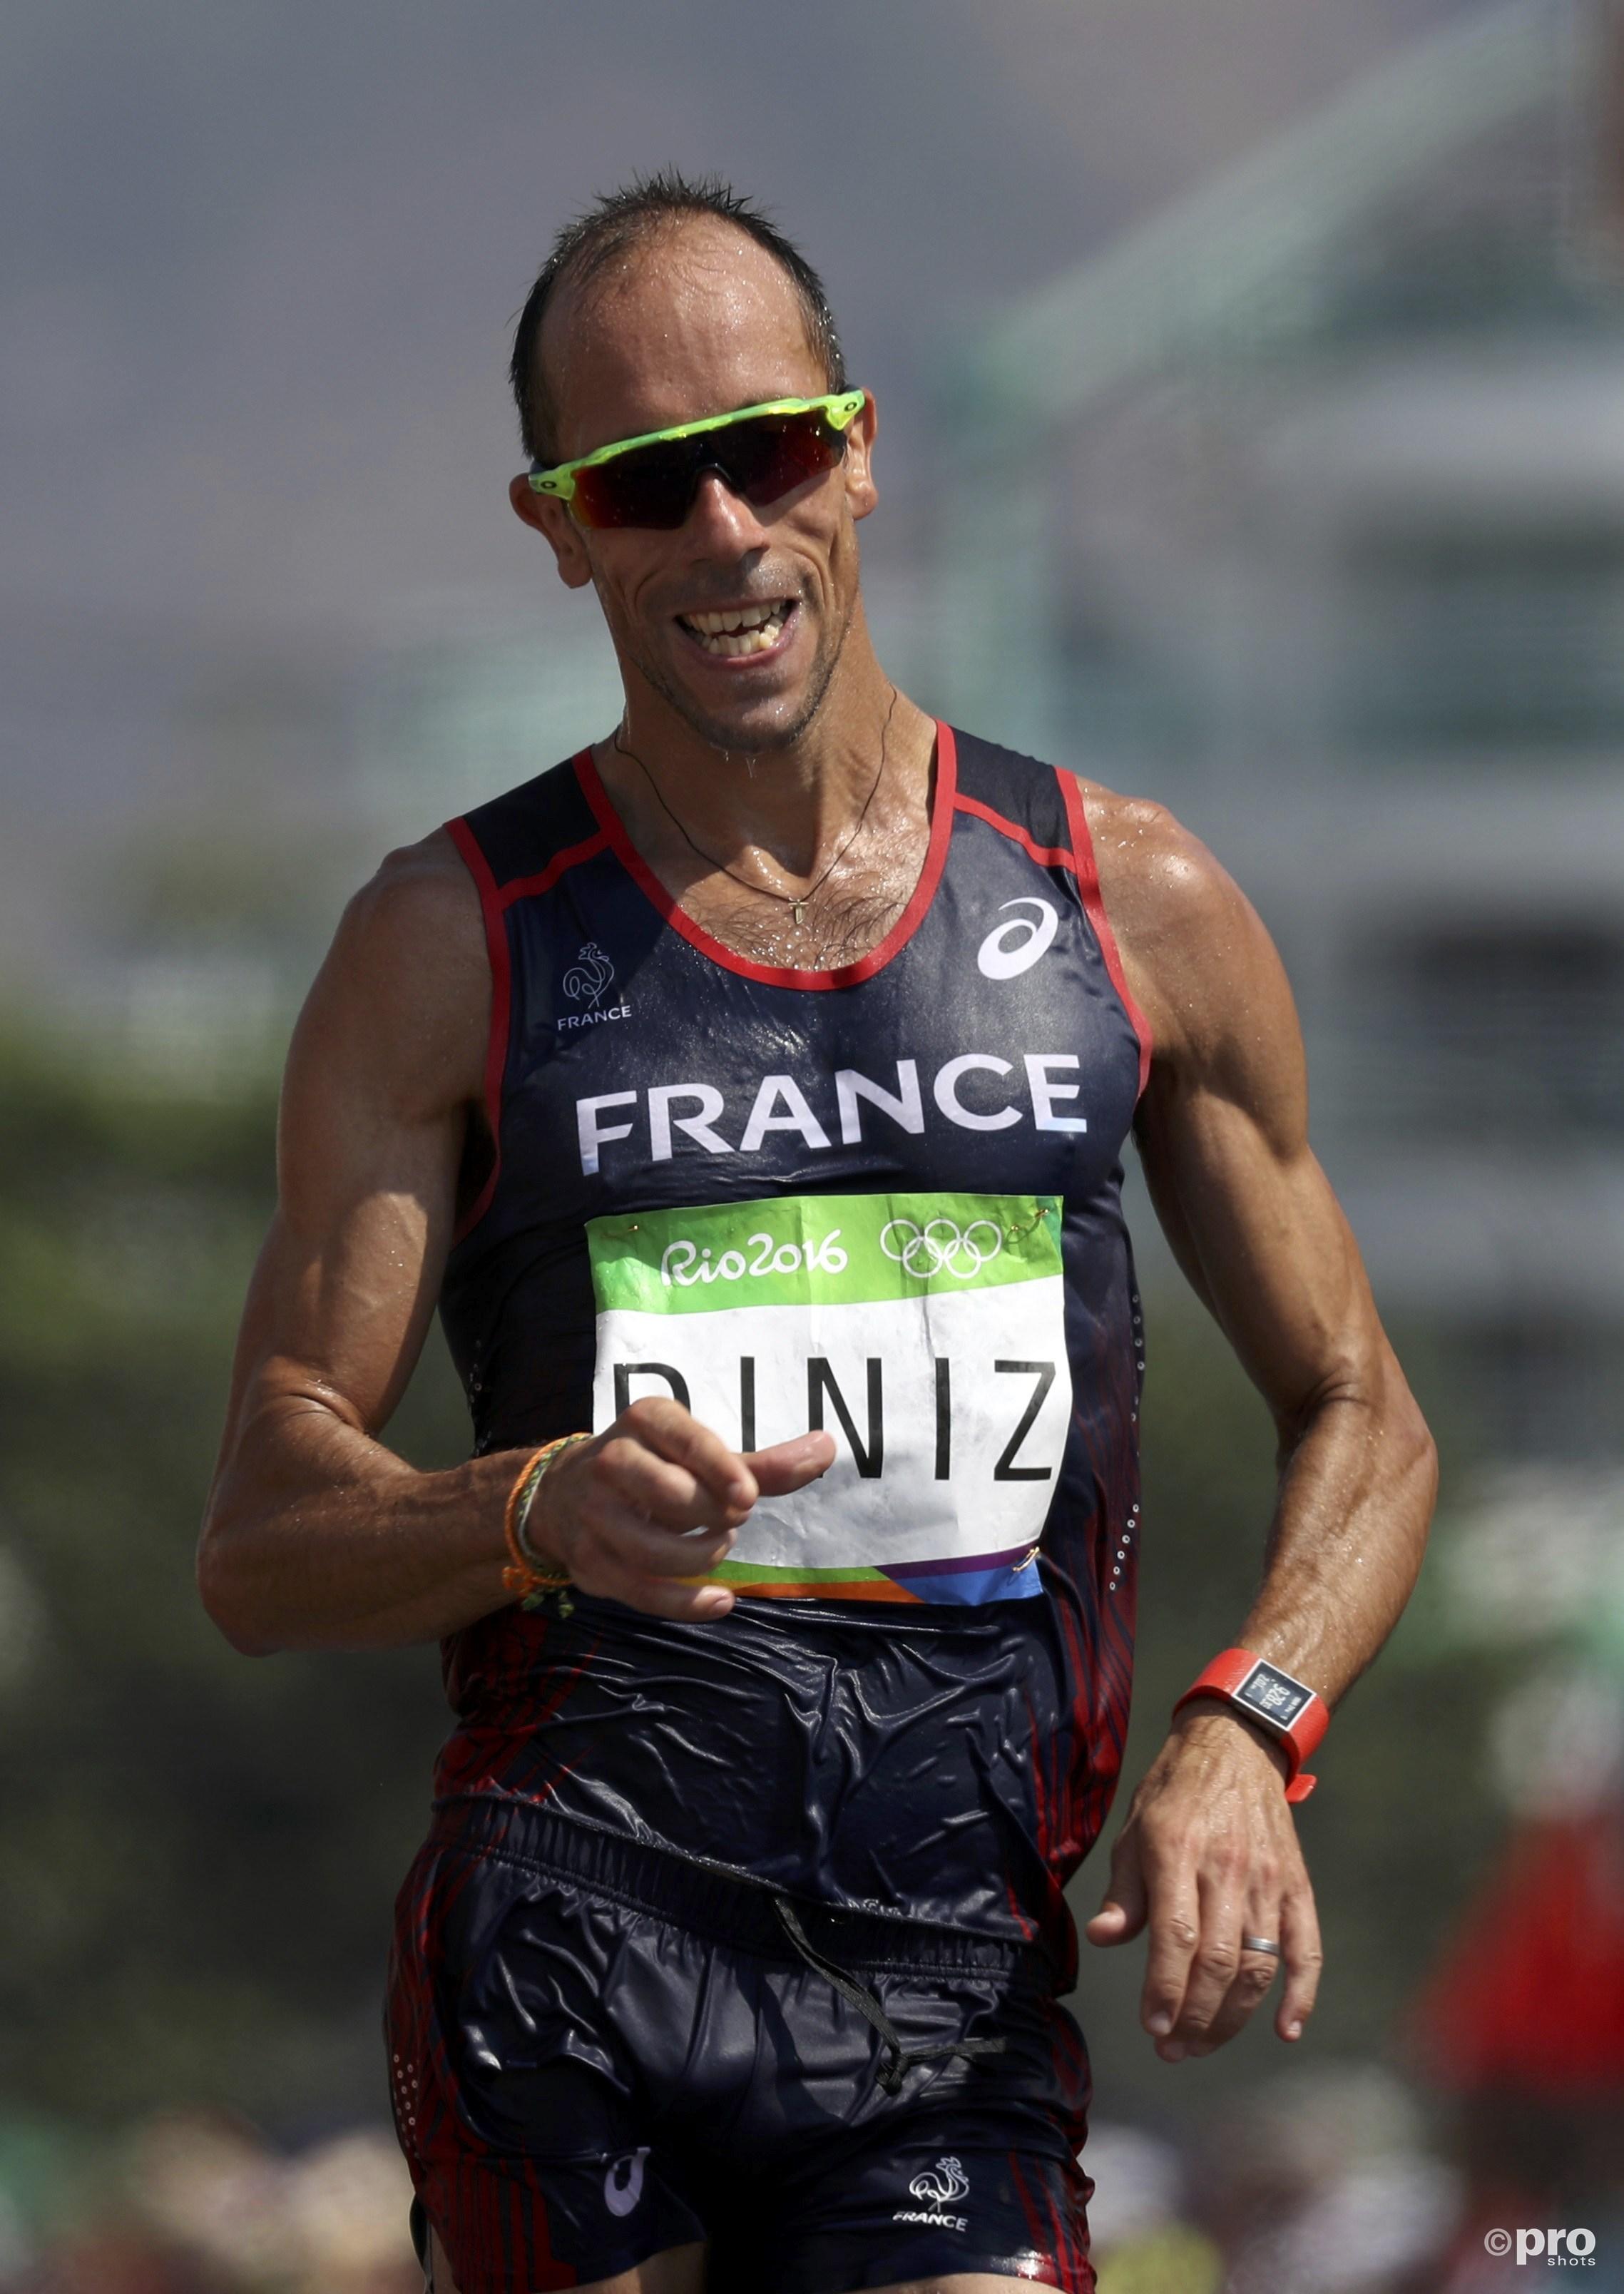 Op de Spelen ging het vorig jaar nog helemaal fout voor Diniz (Pro Shots/Action Images)